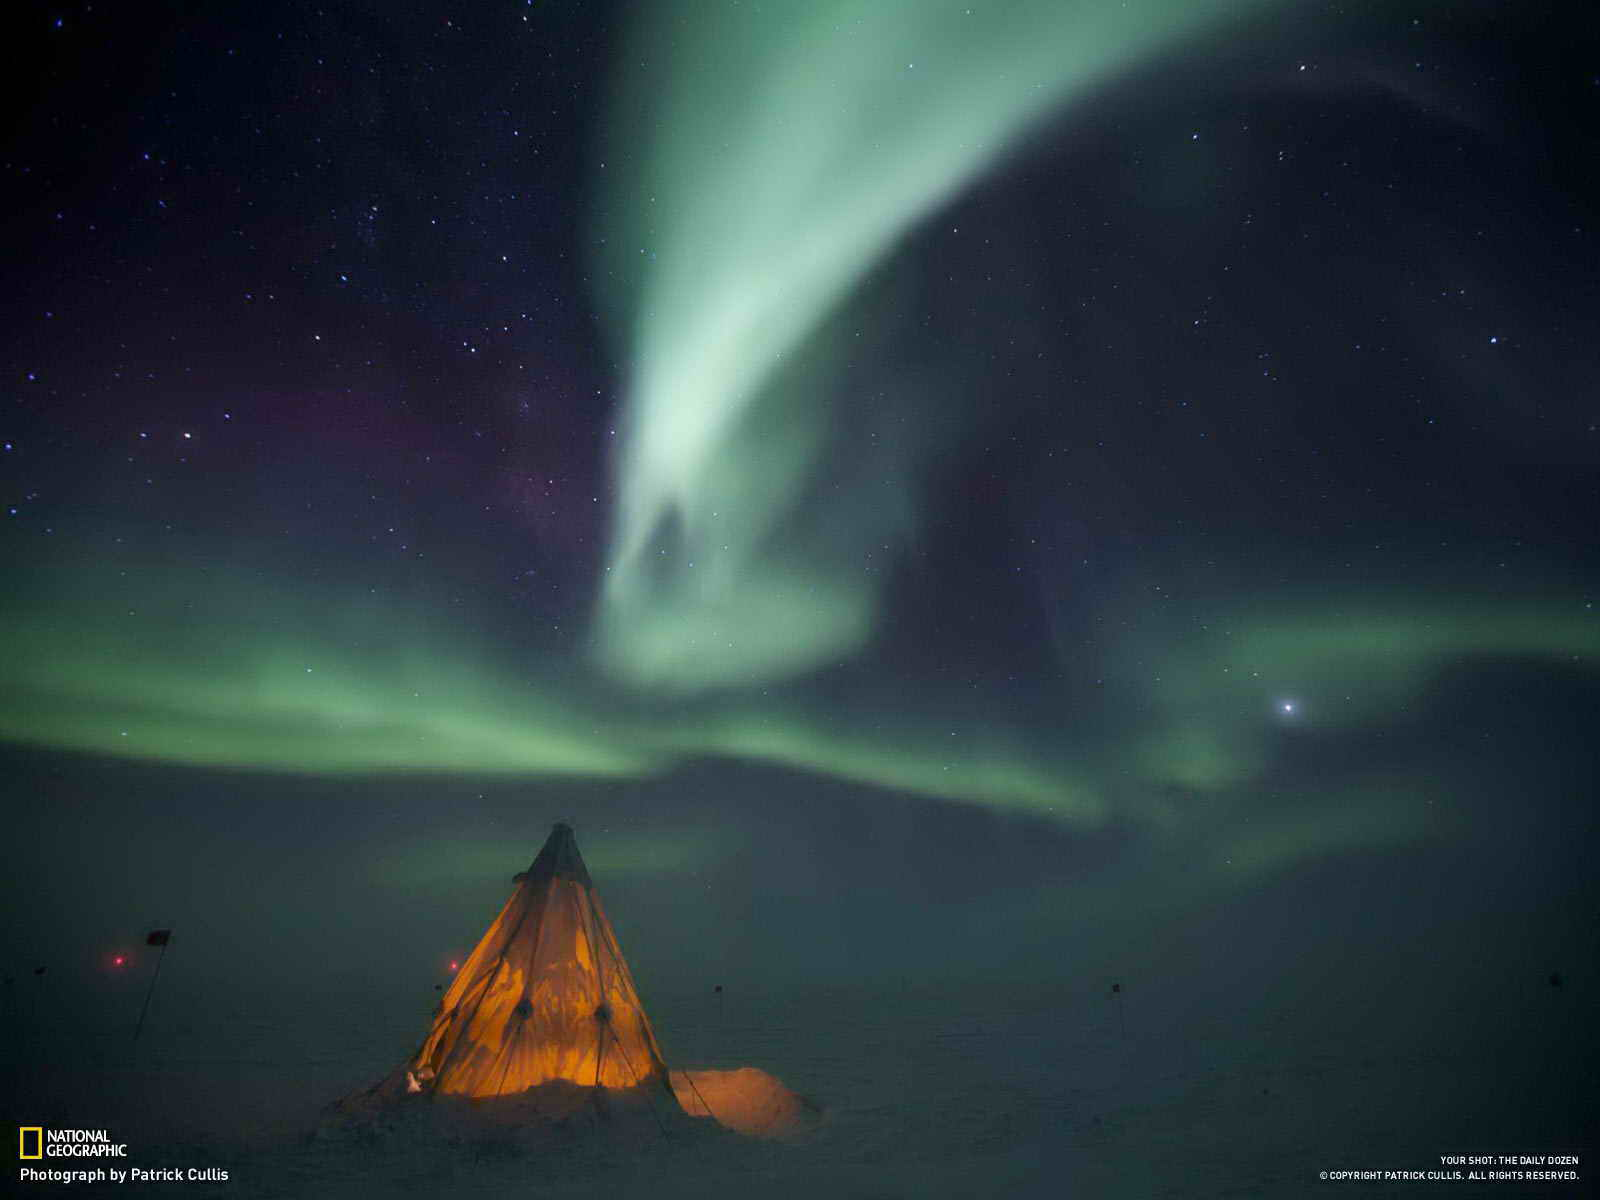 Антарктида. Станция Амундсена и Скотта.